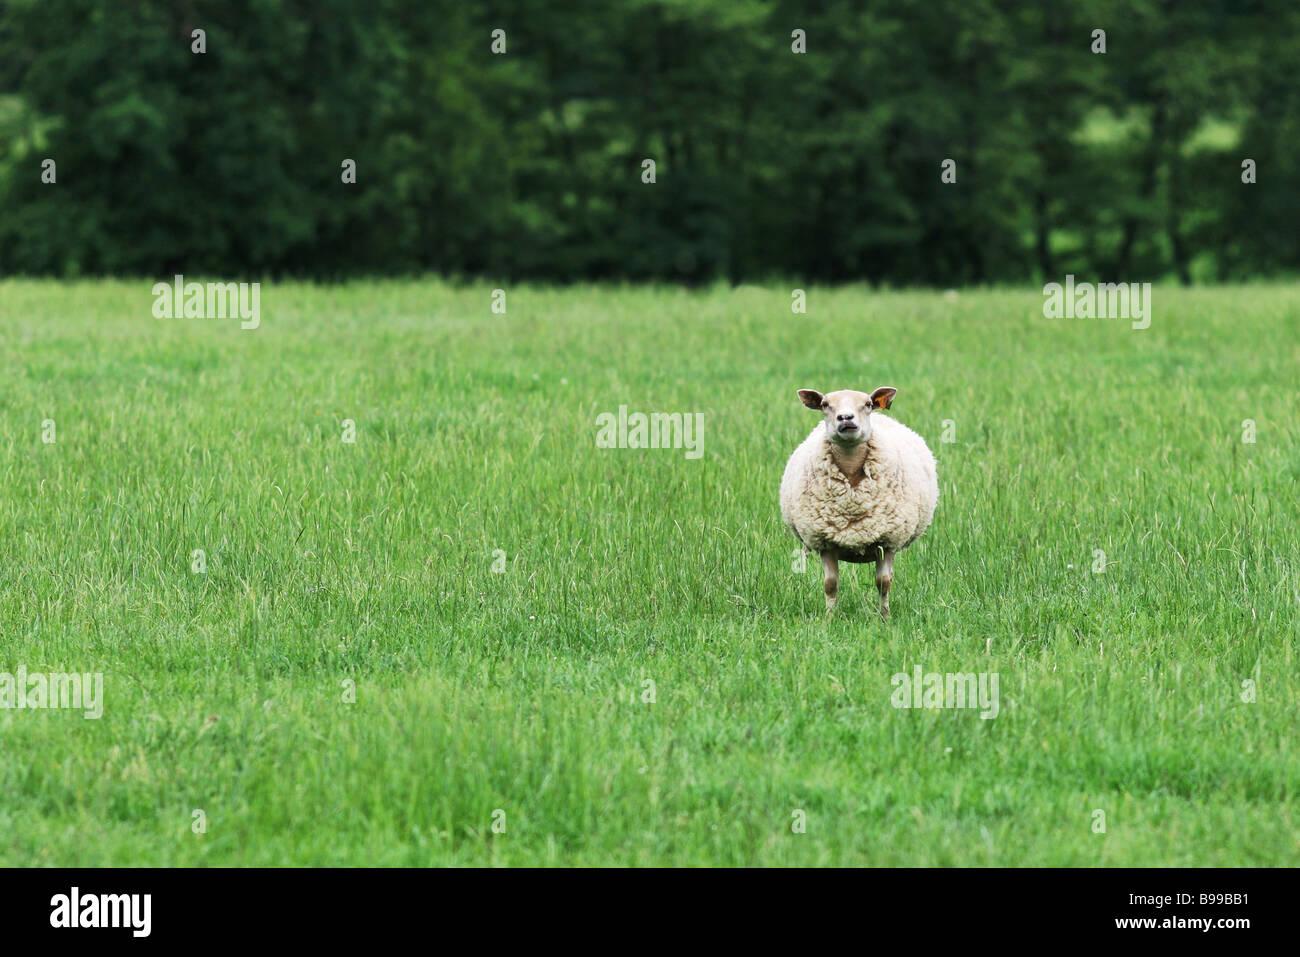 Oveja solitaria en el campo Imagen De Stock